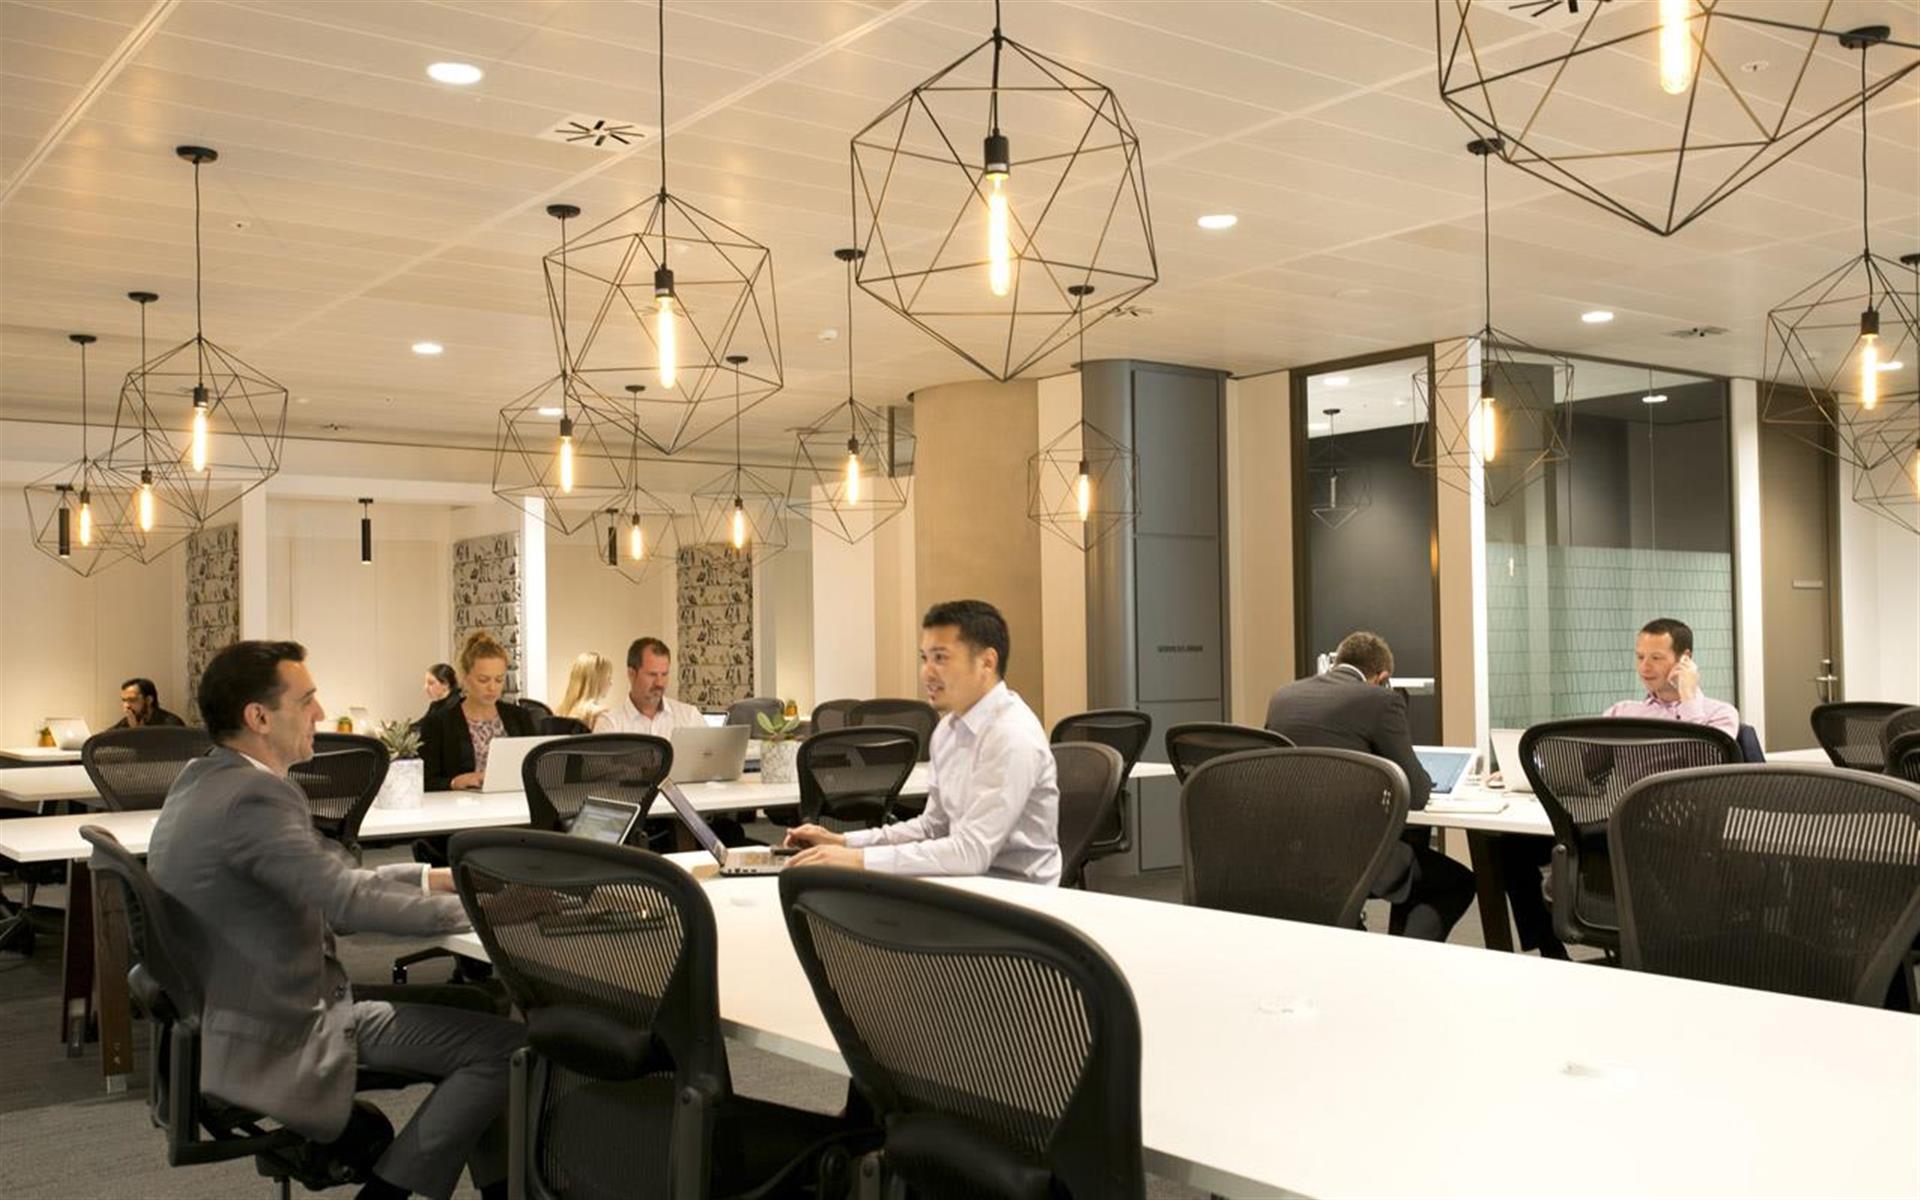 The Executive Centre - The Executive Centre